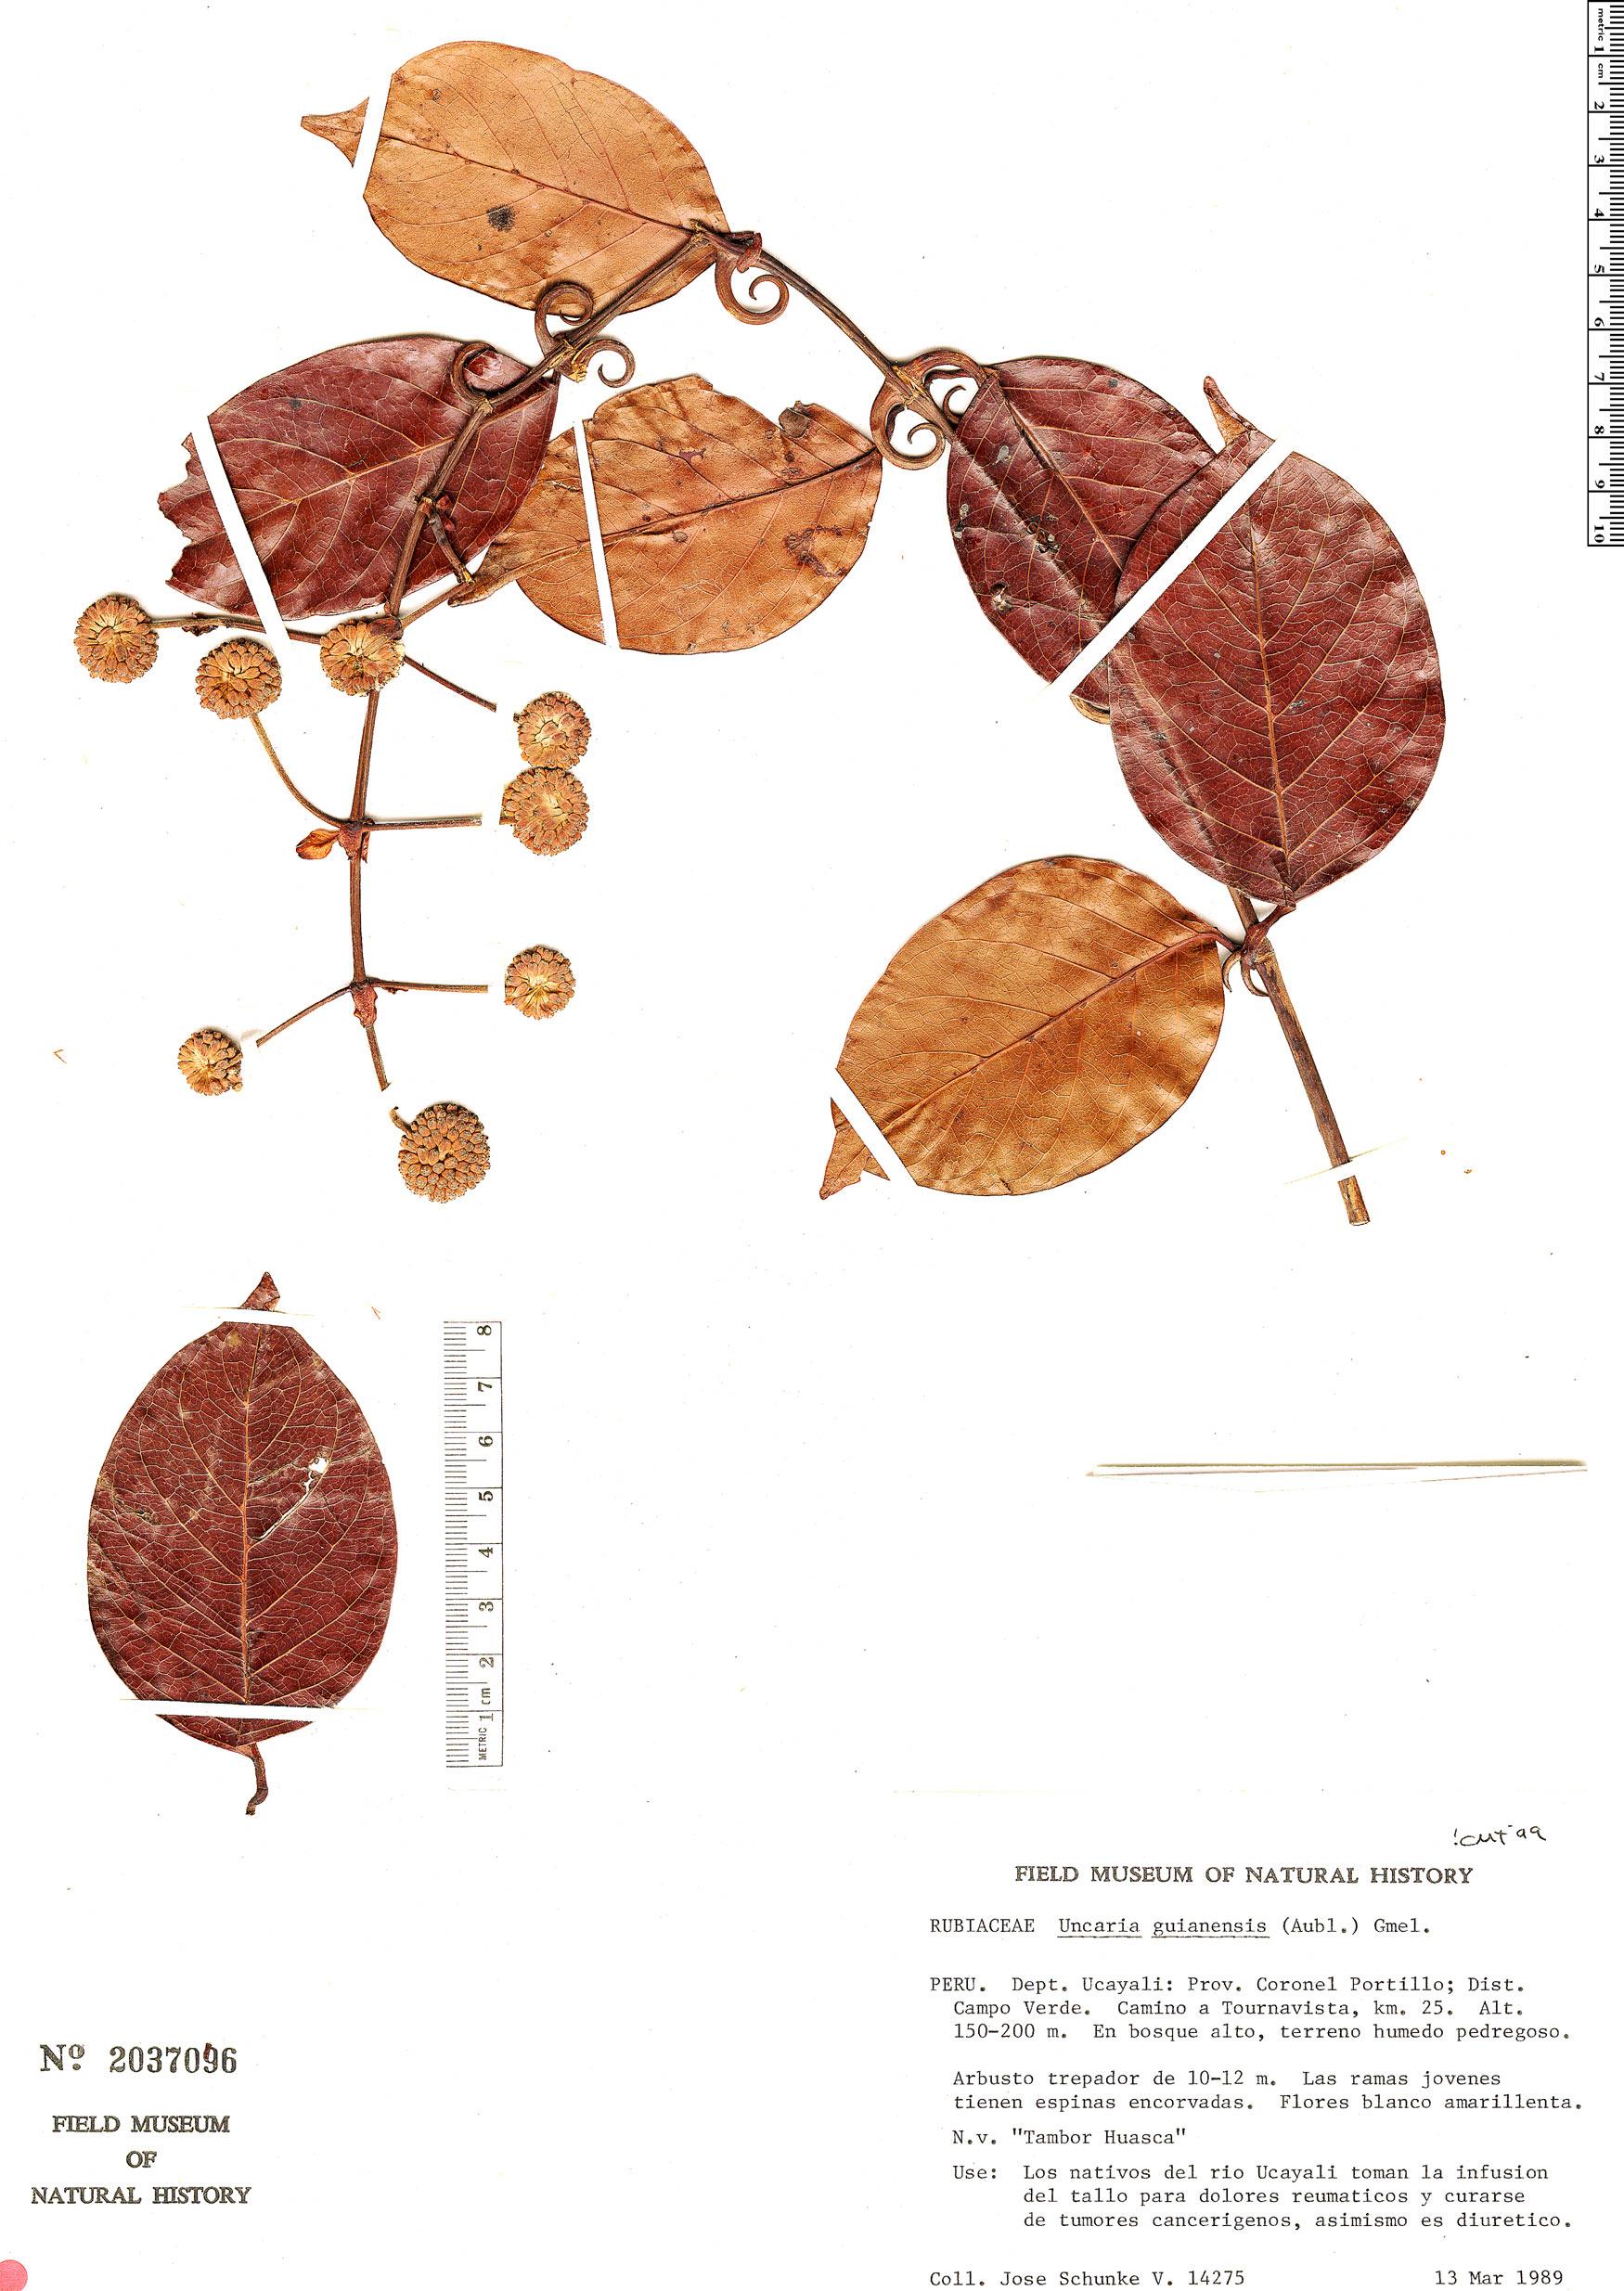 Specimen: Uncaria guianensis